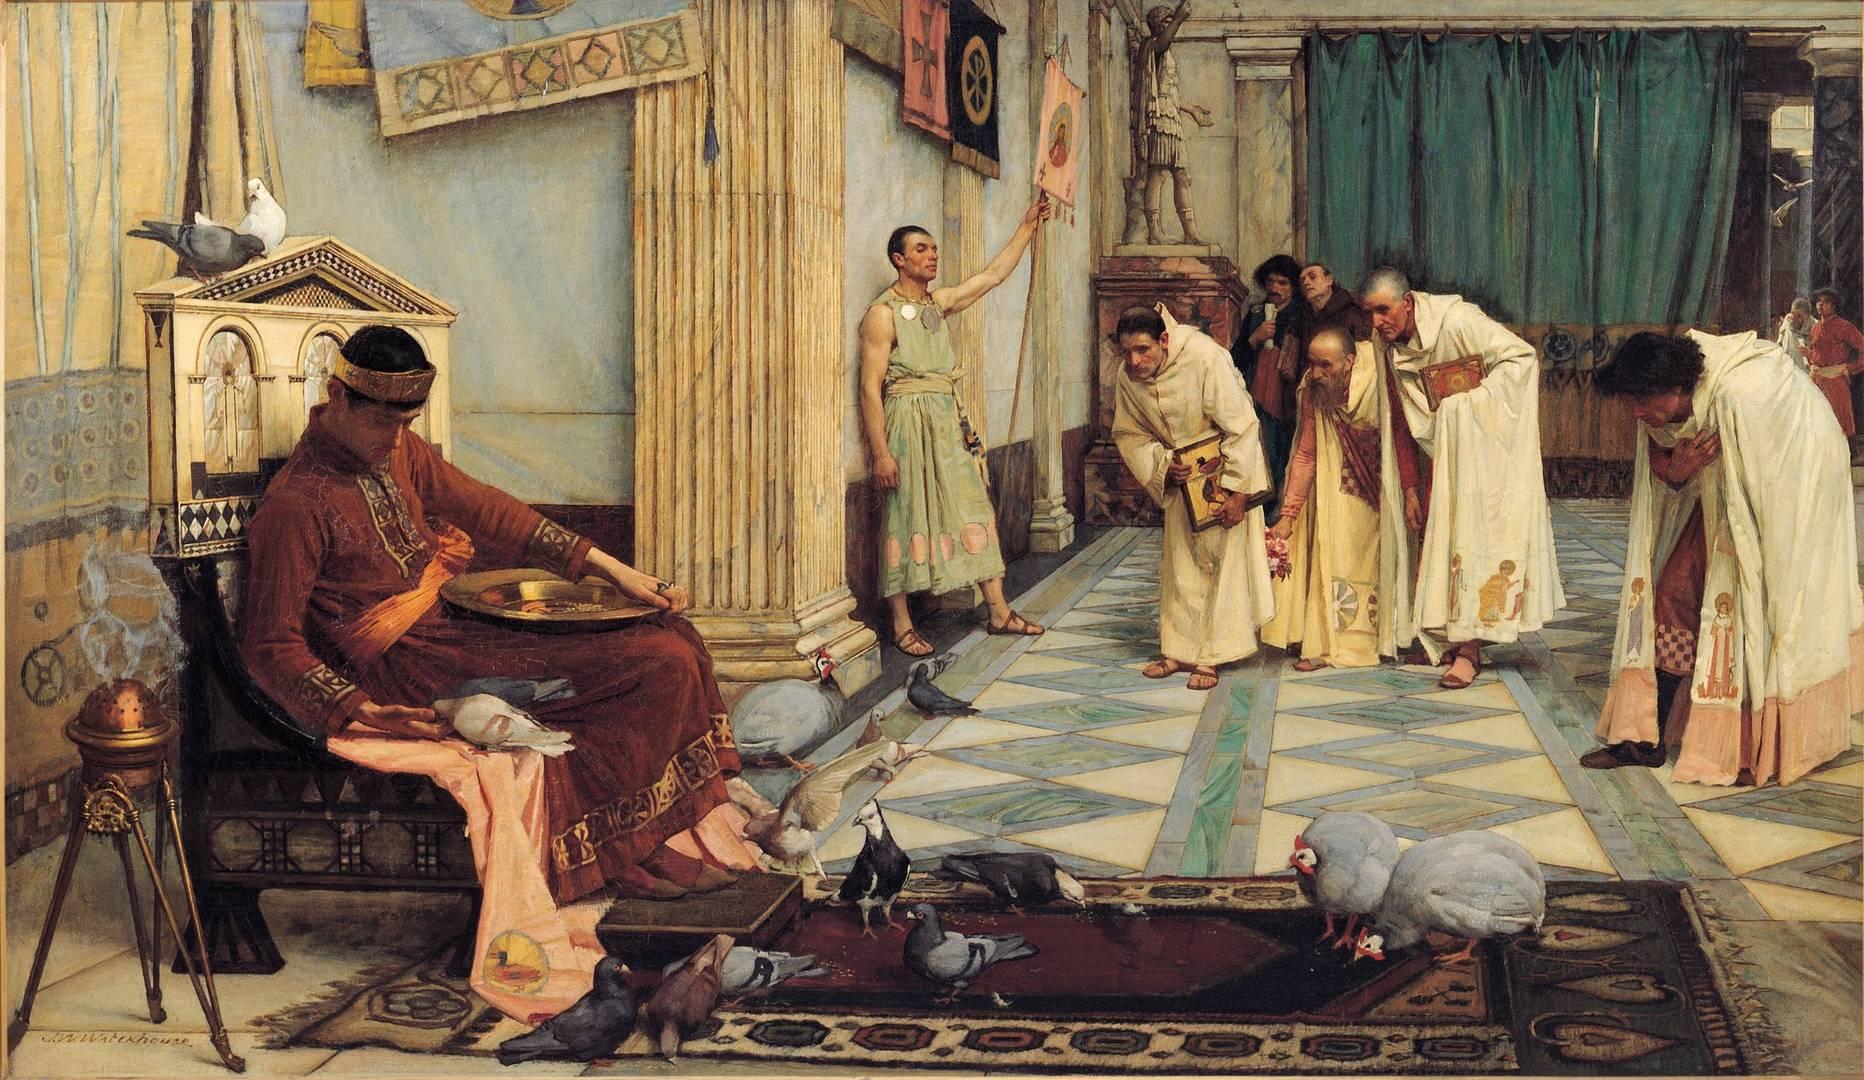 картина <Фавориты императора> ::  Джон Уйльям Вотерхауз - Древний Рим и Греция, Египет фото